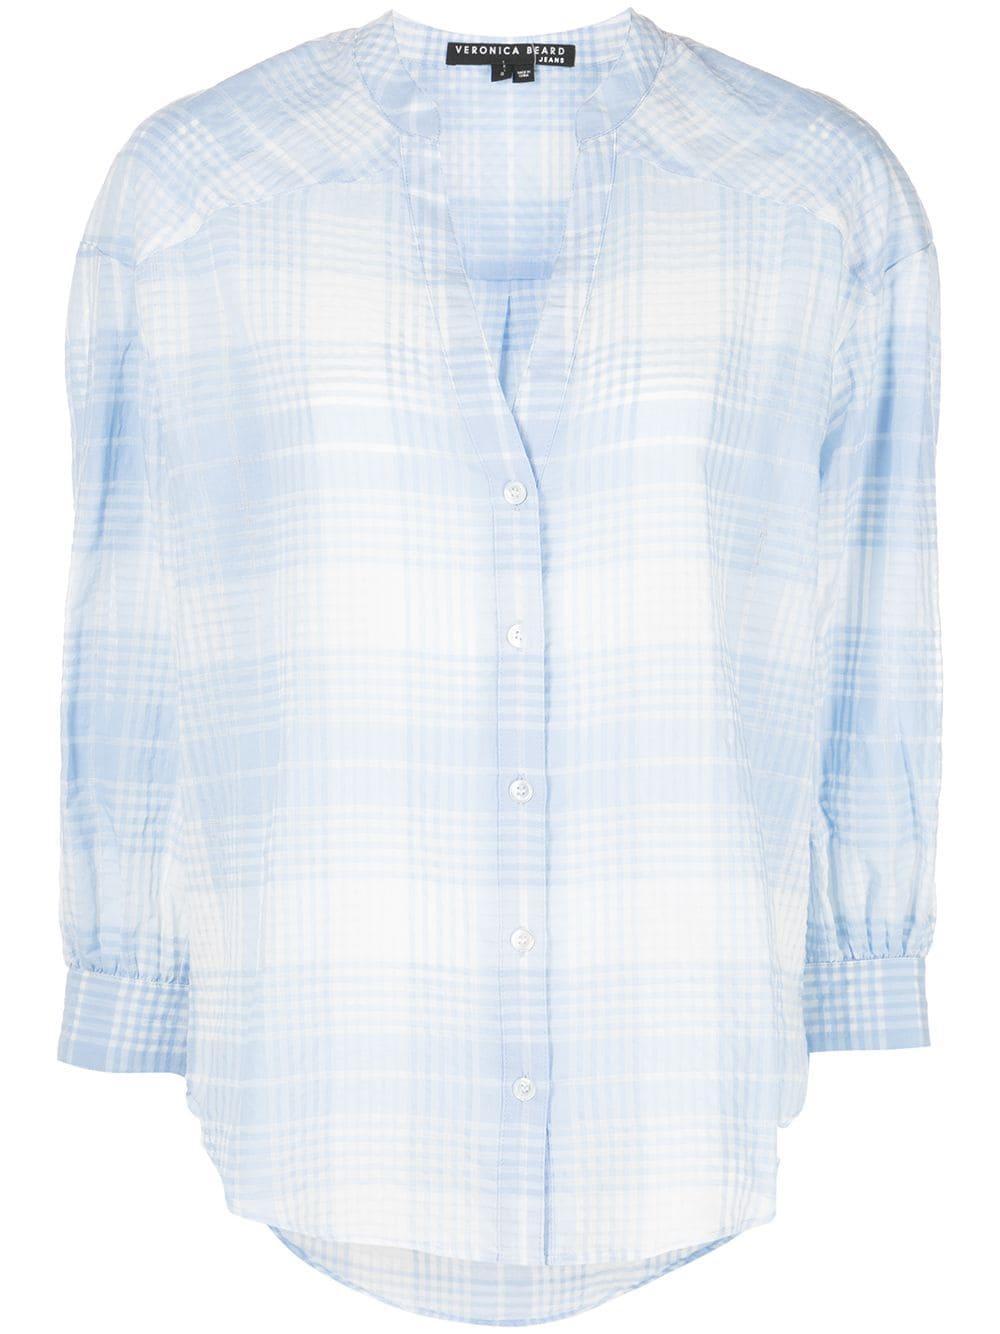 Harris Shirt Item # J2104SR0200982